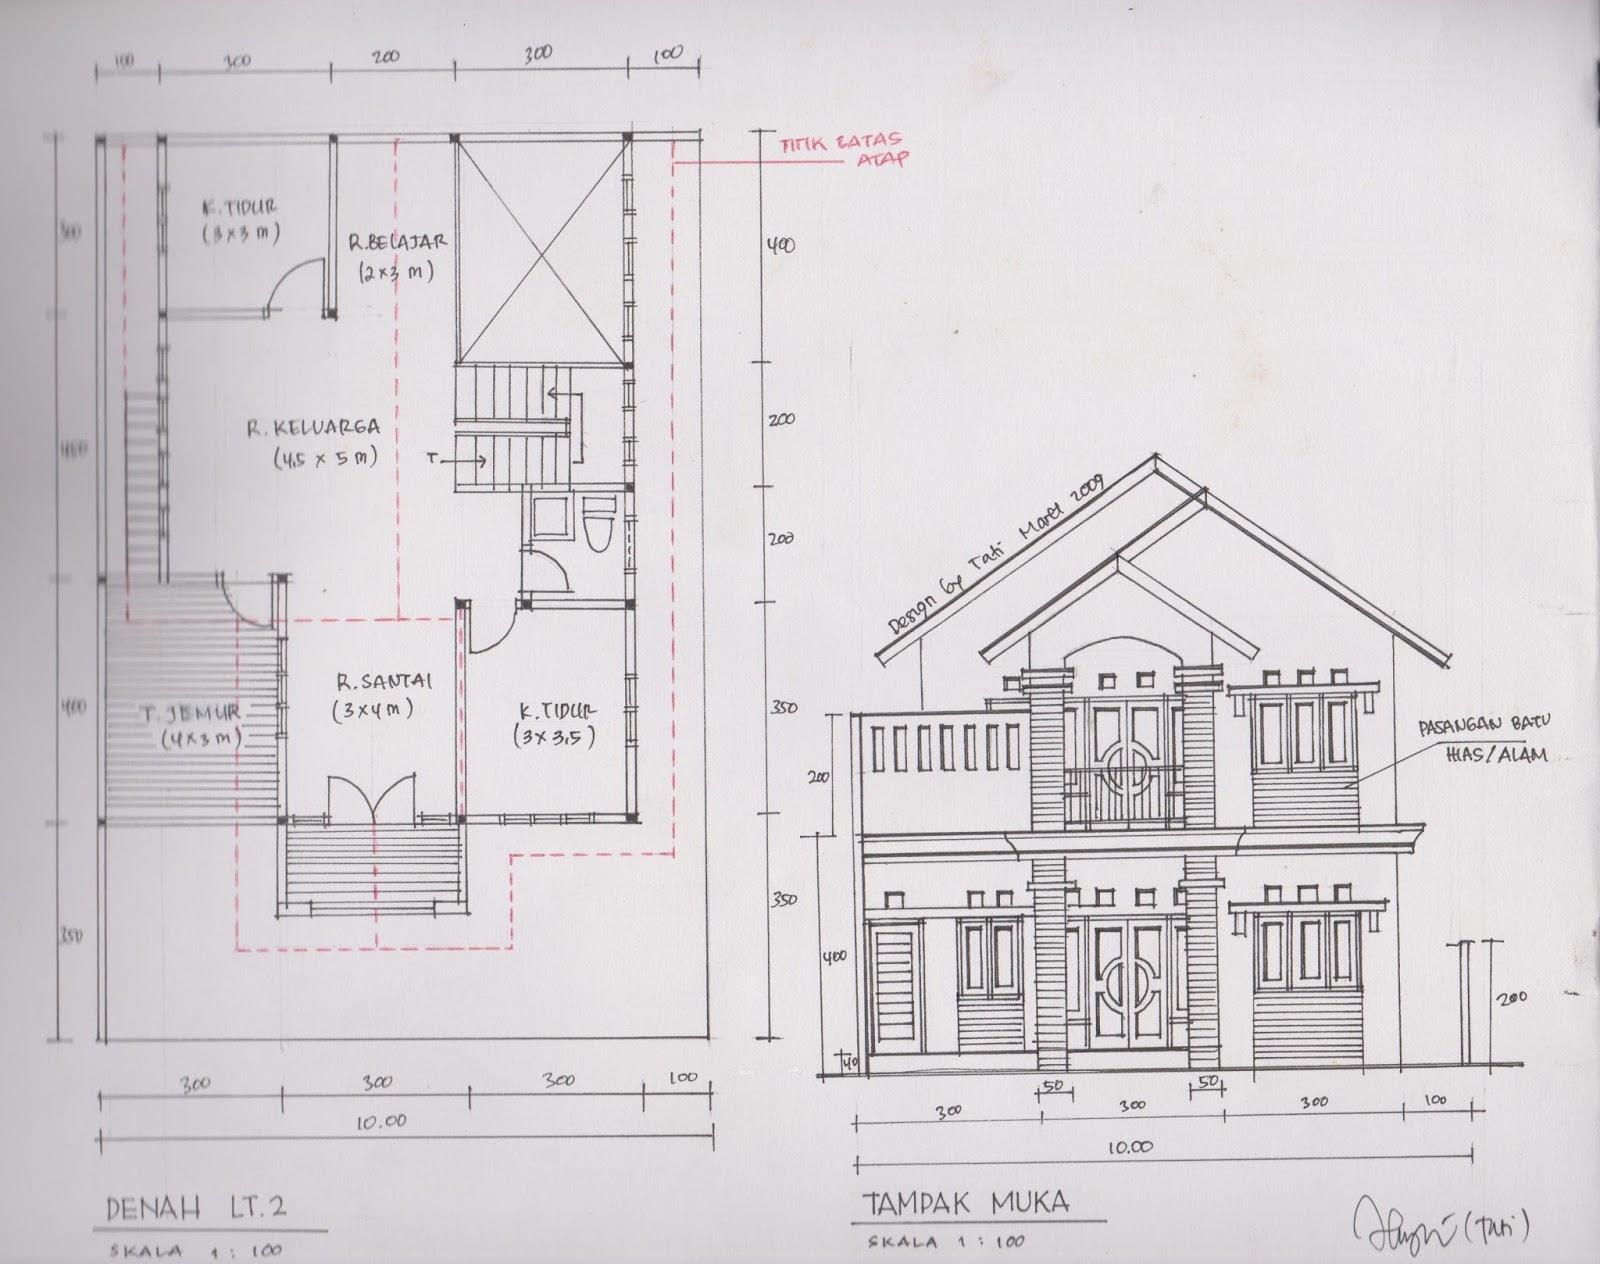 Potongan menggambarkan bangunan terpotong agar terlihat bagian dalam / seolah2 kita membelah bangunan dari atas ke bawah secara melebar dan ...